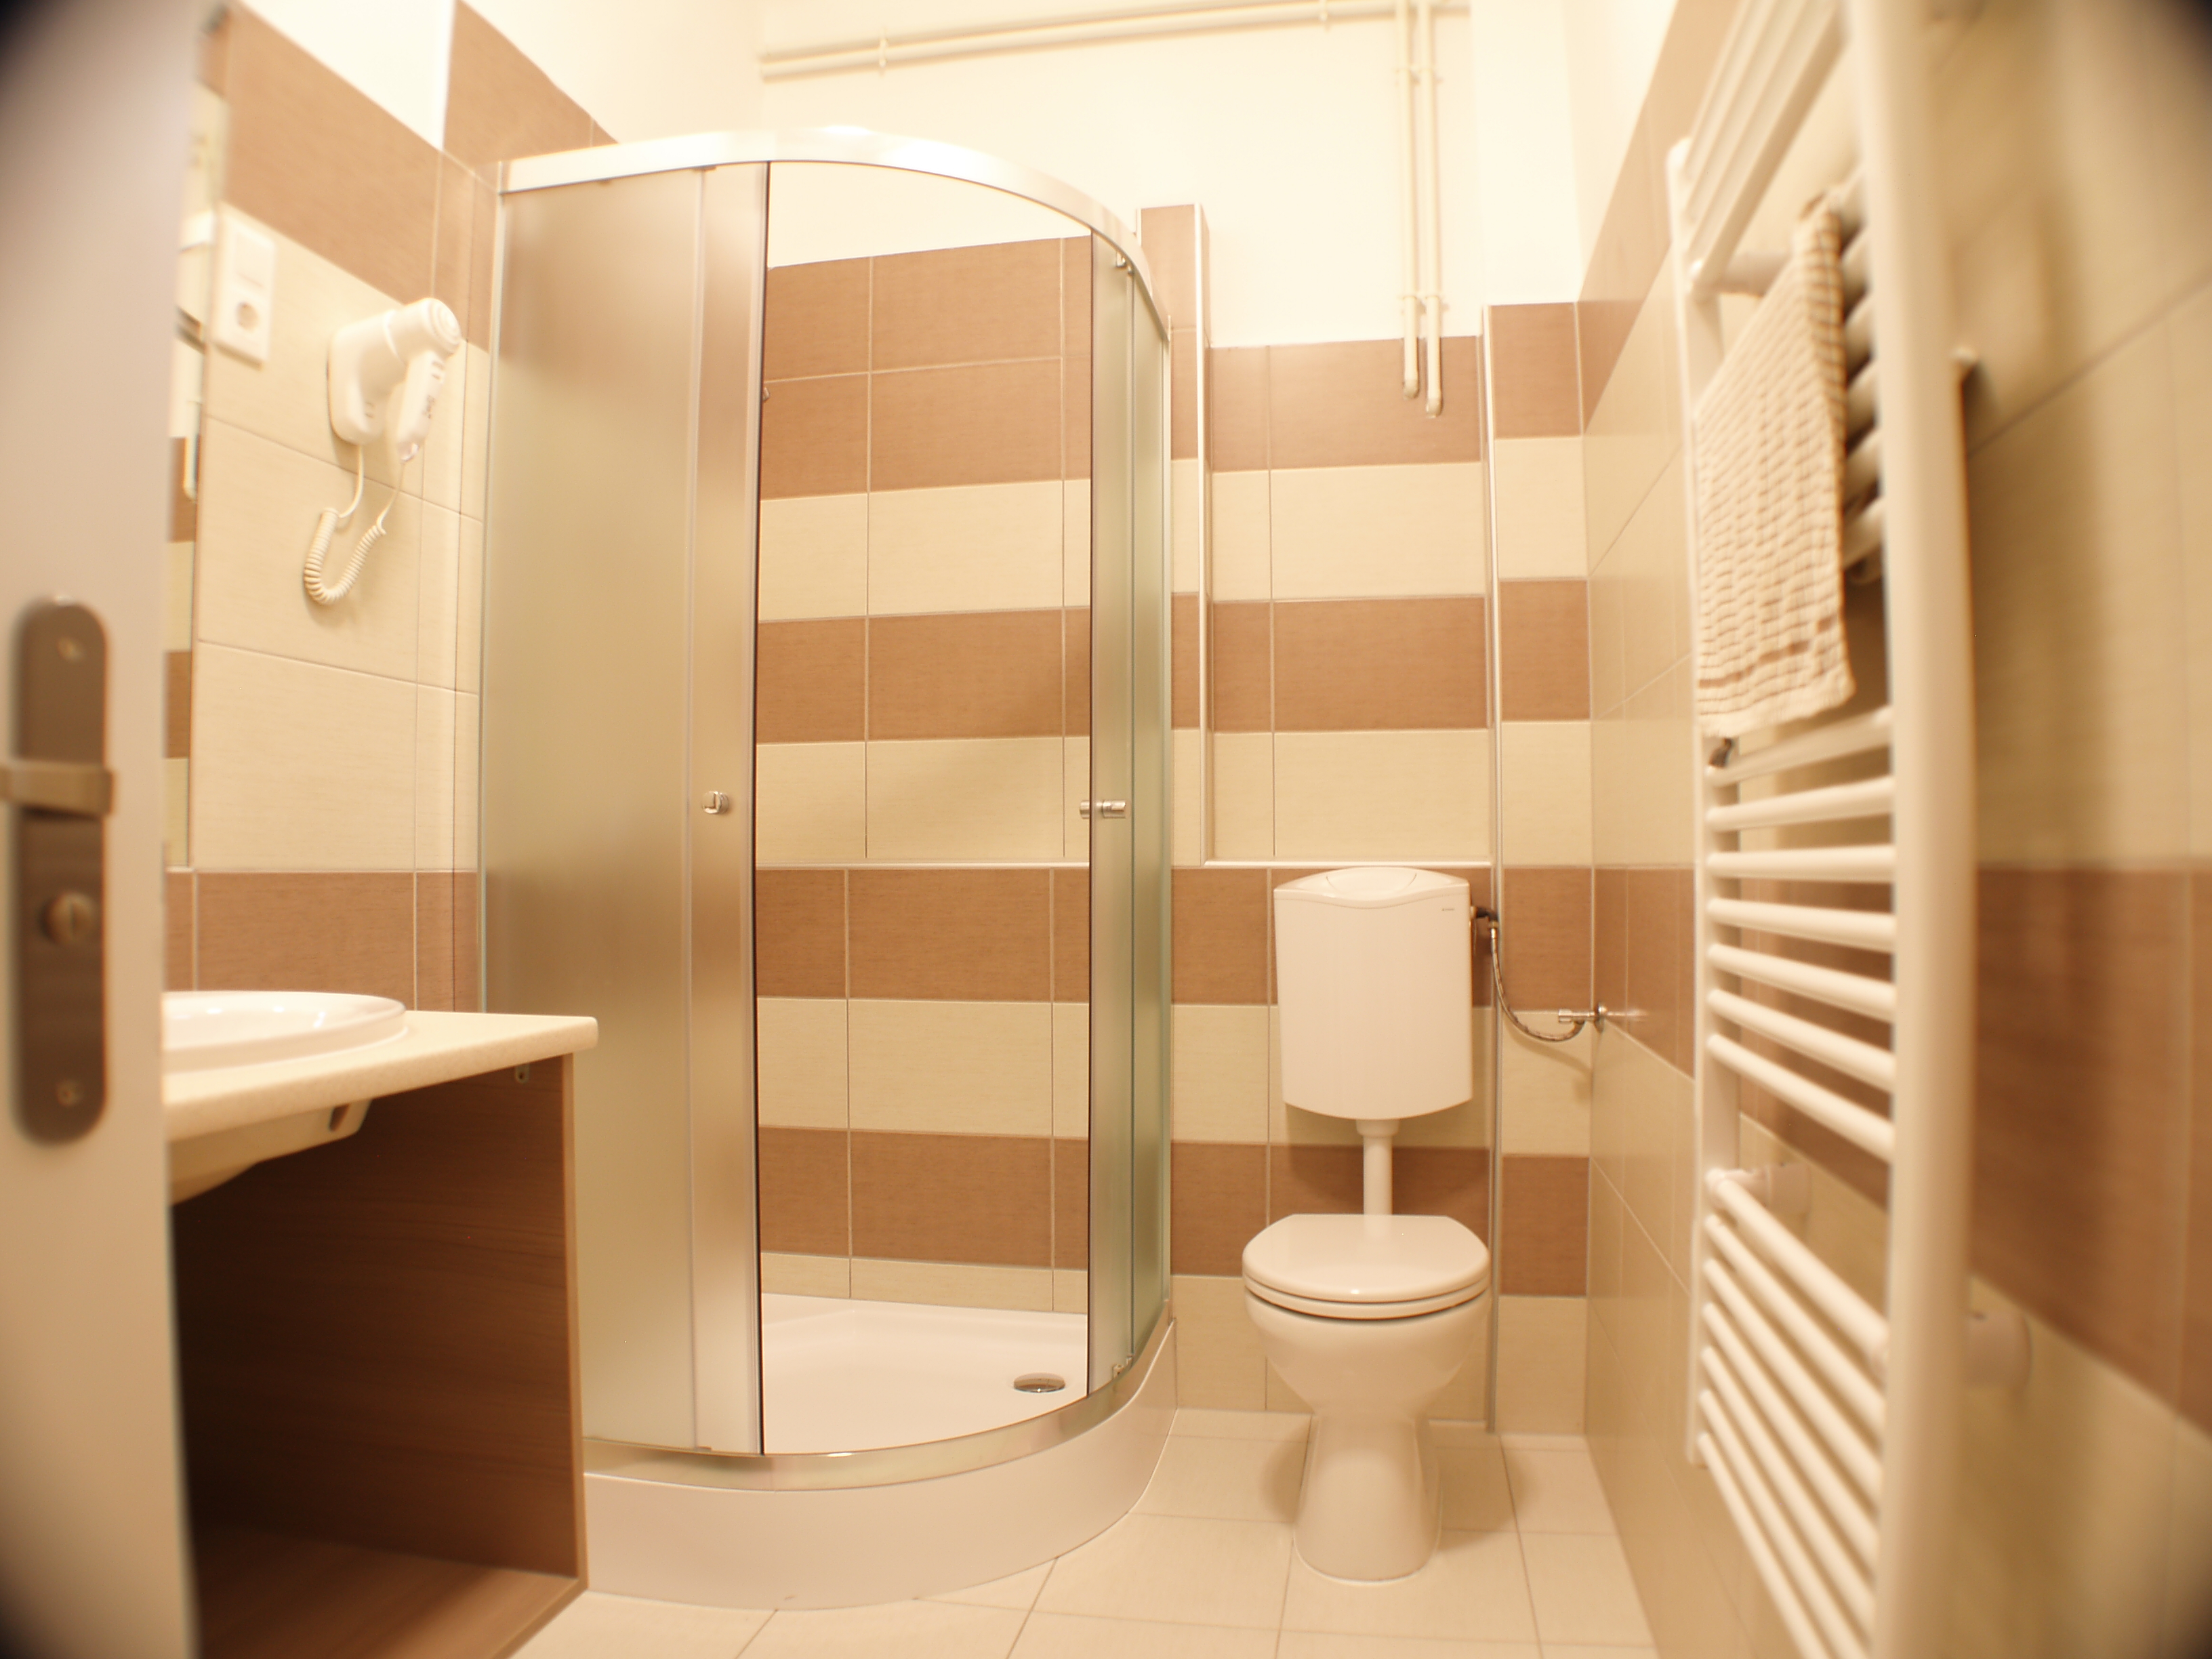 Toronyi Vendégház fürdő